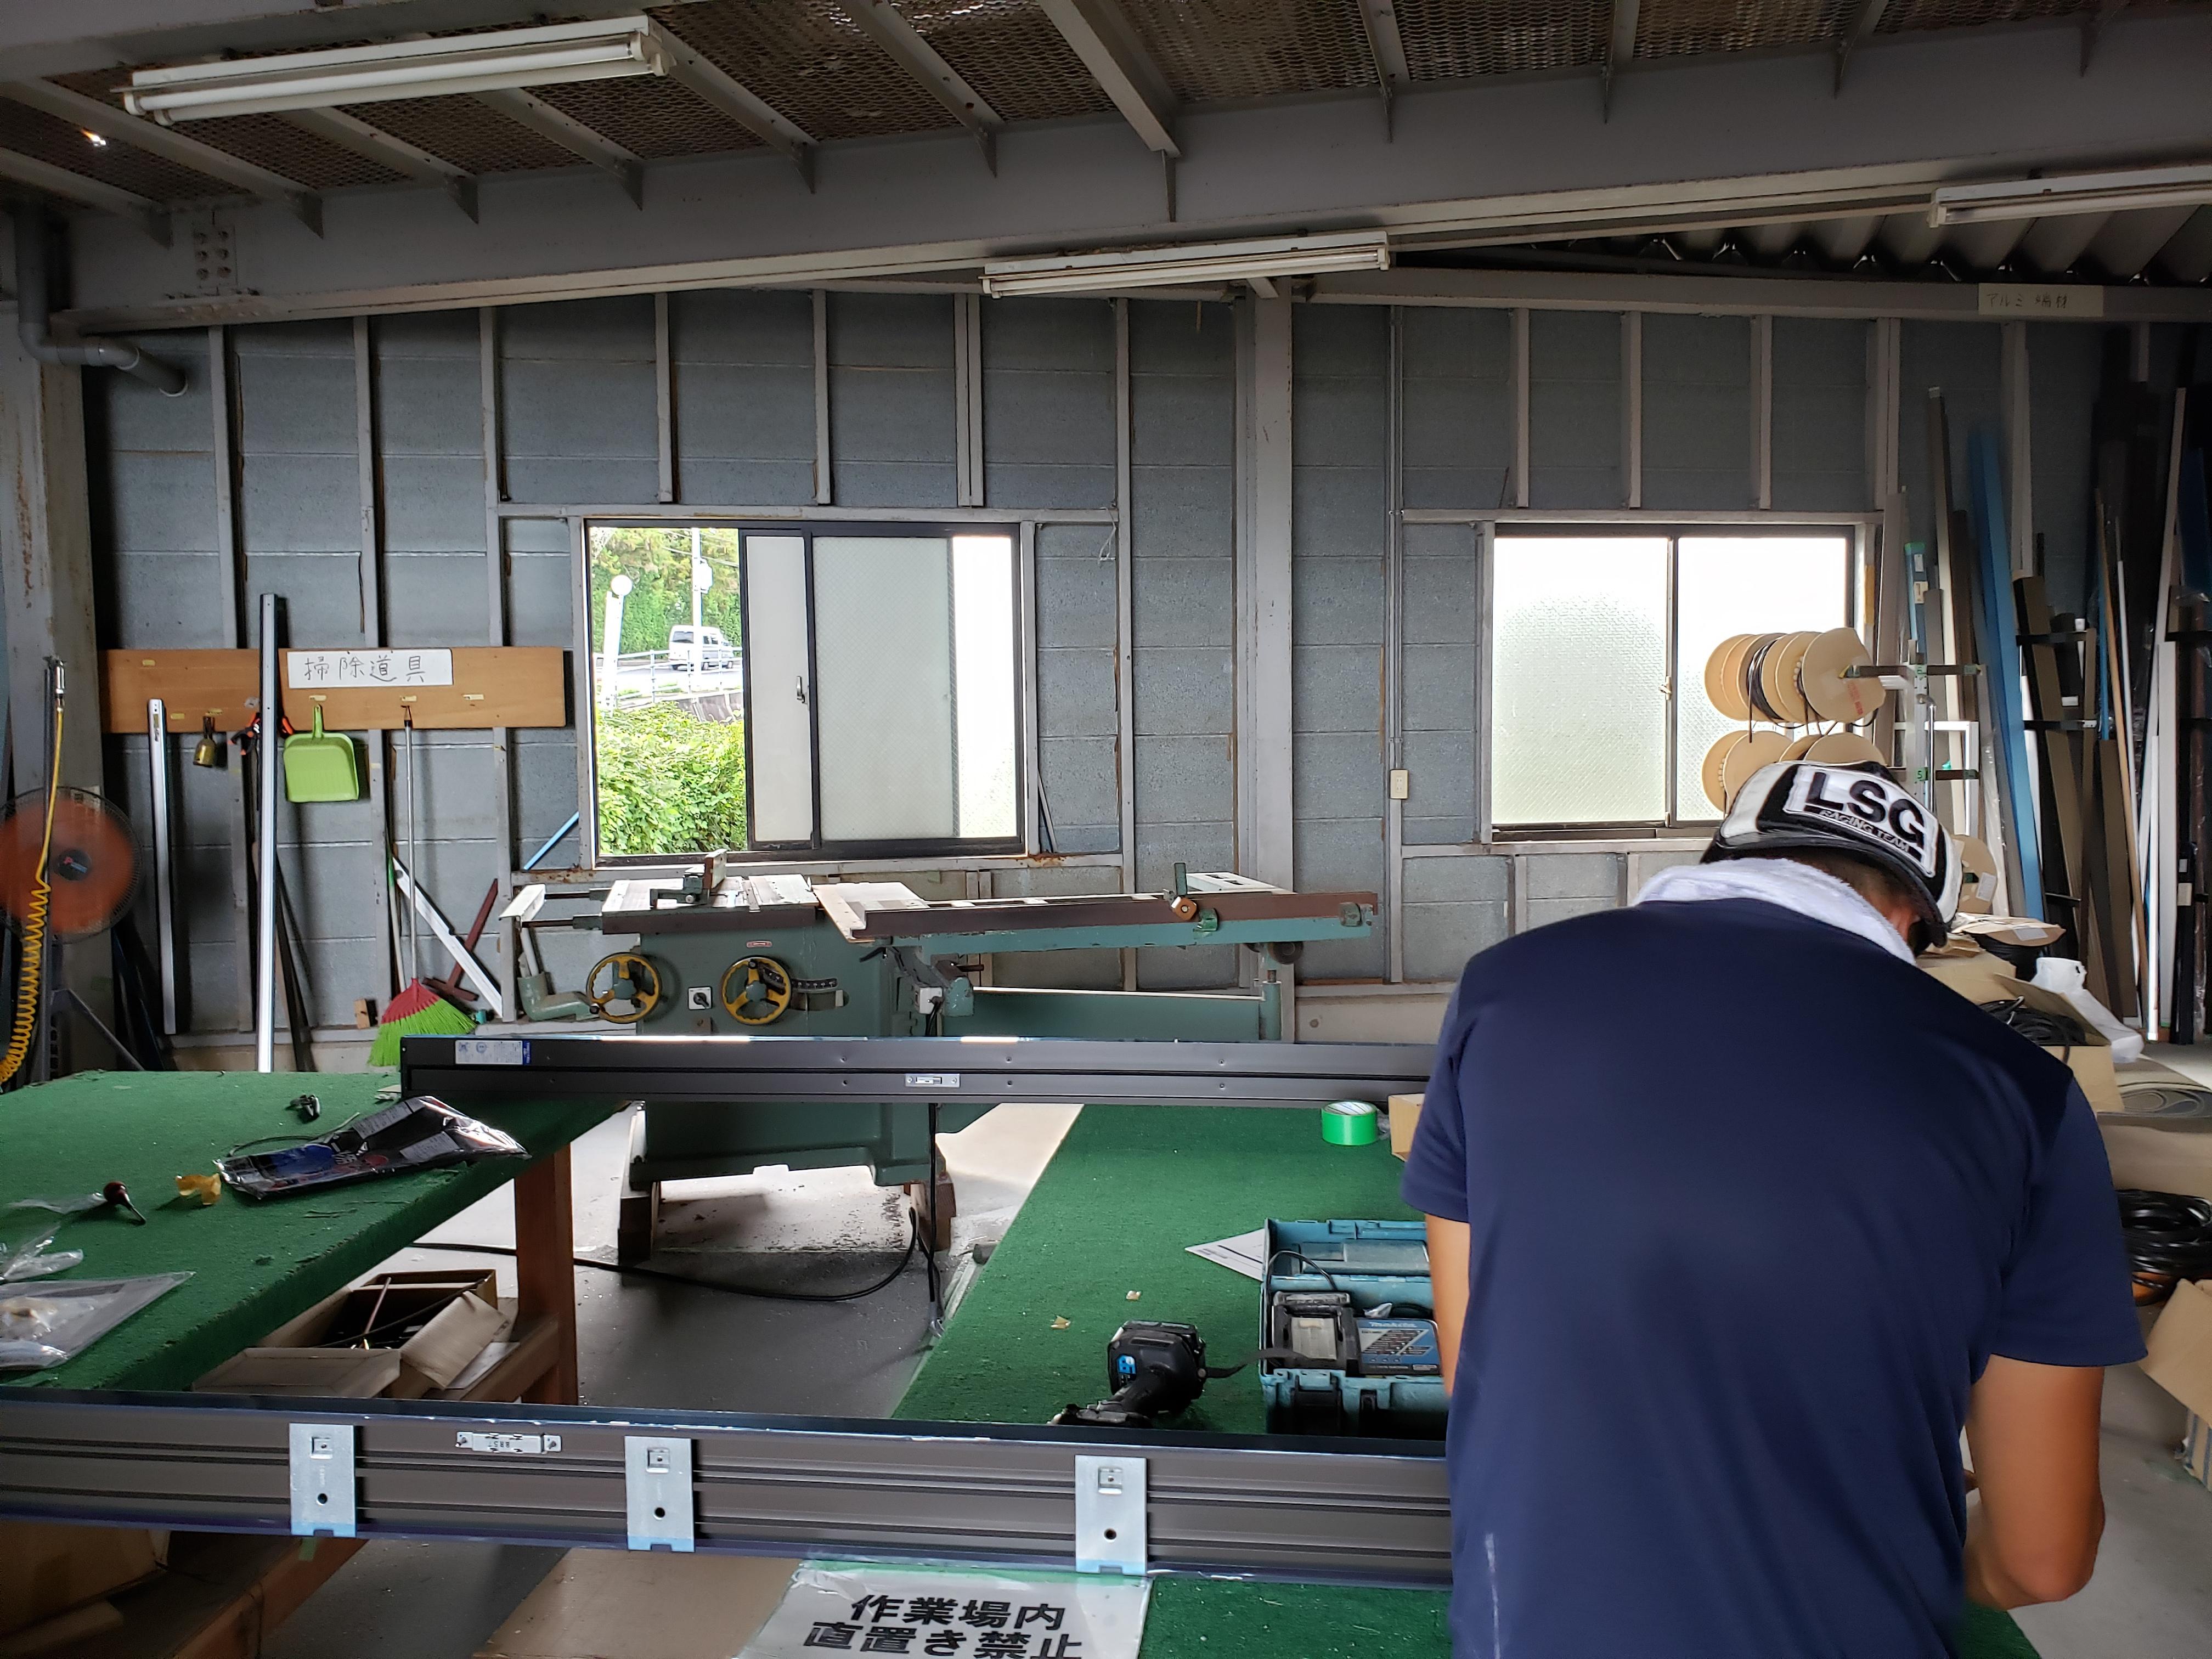 朝の作業場 リシェント 組立 ギャラリーパティオの現場ブログ メイン写真